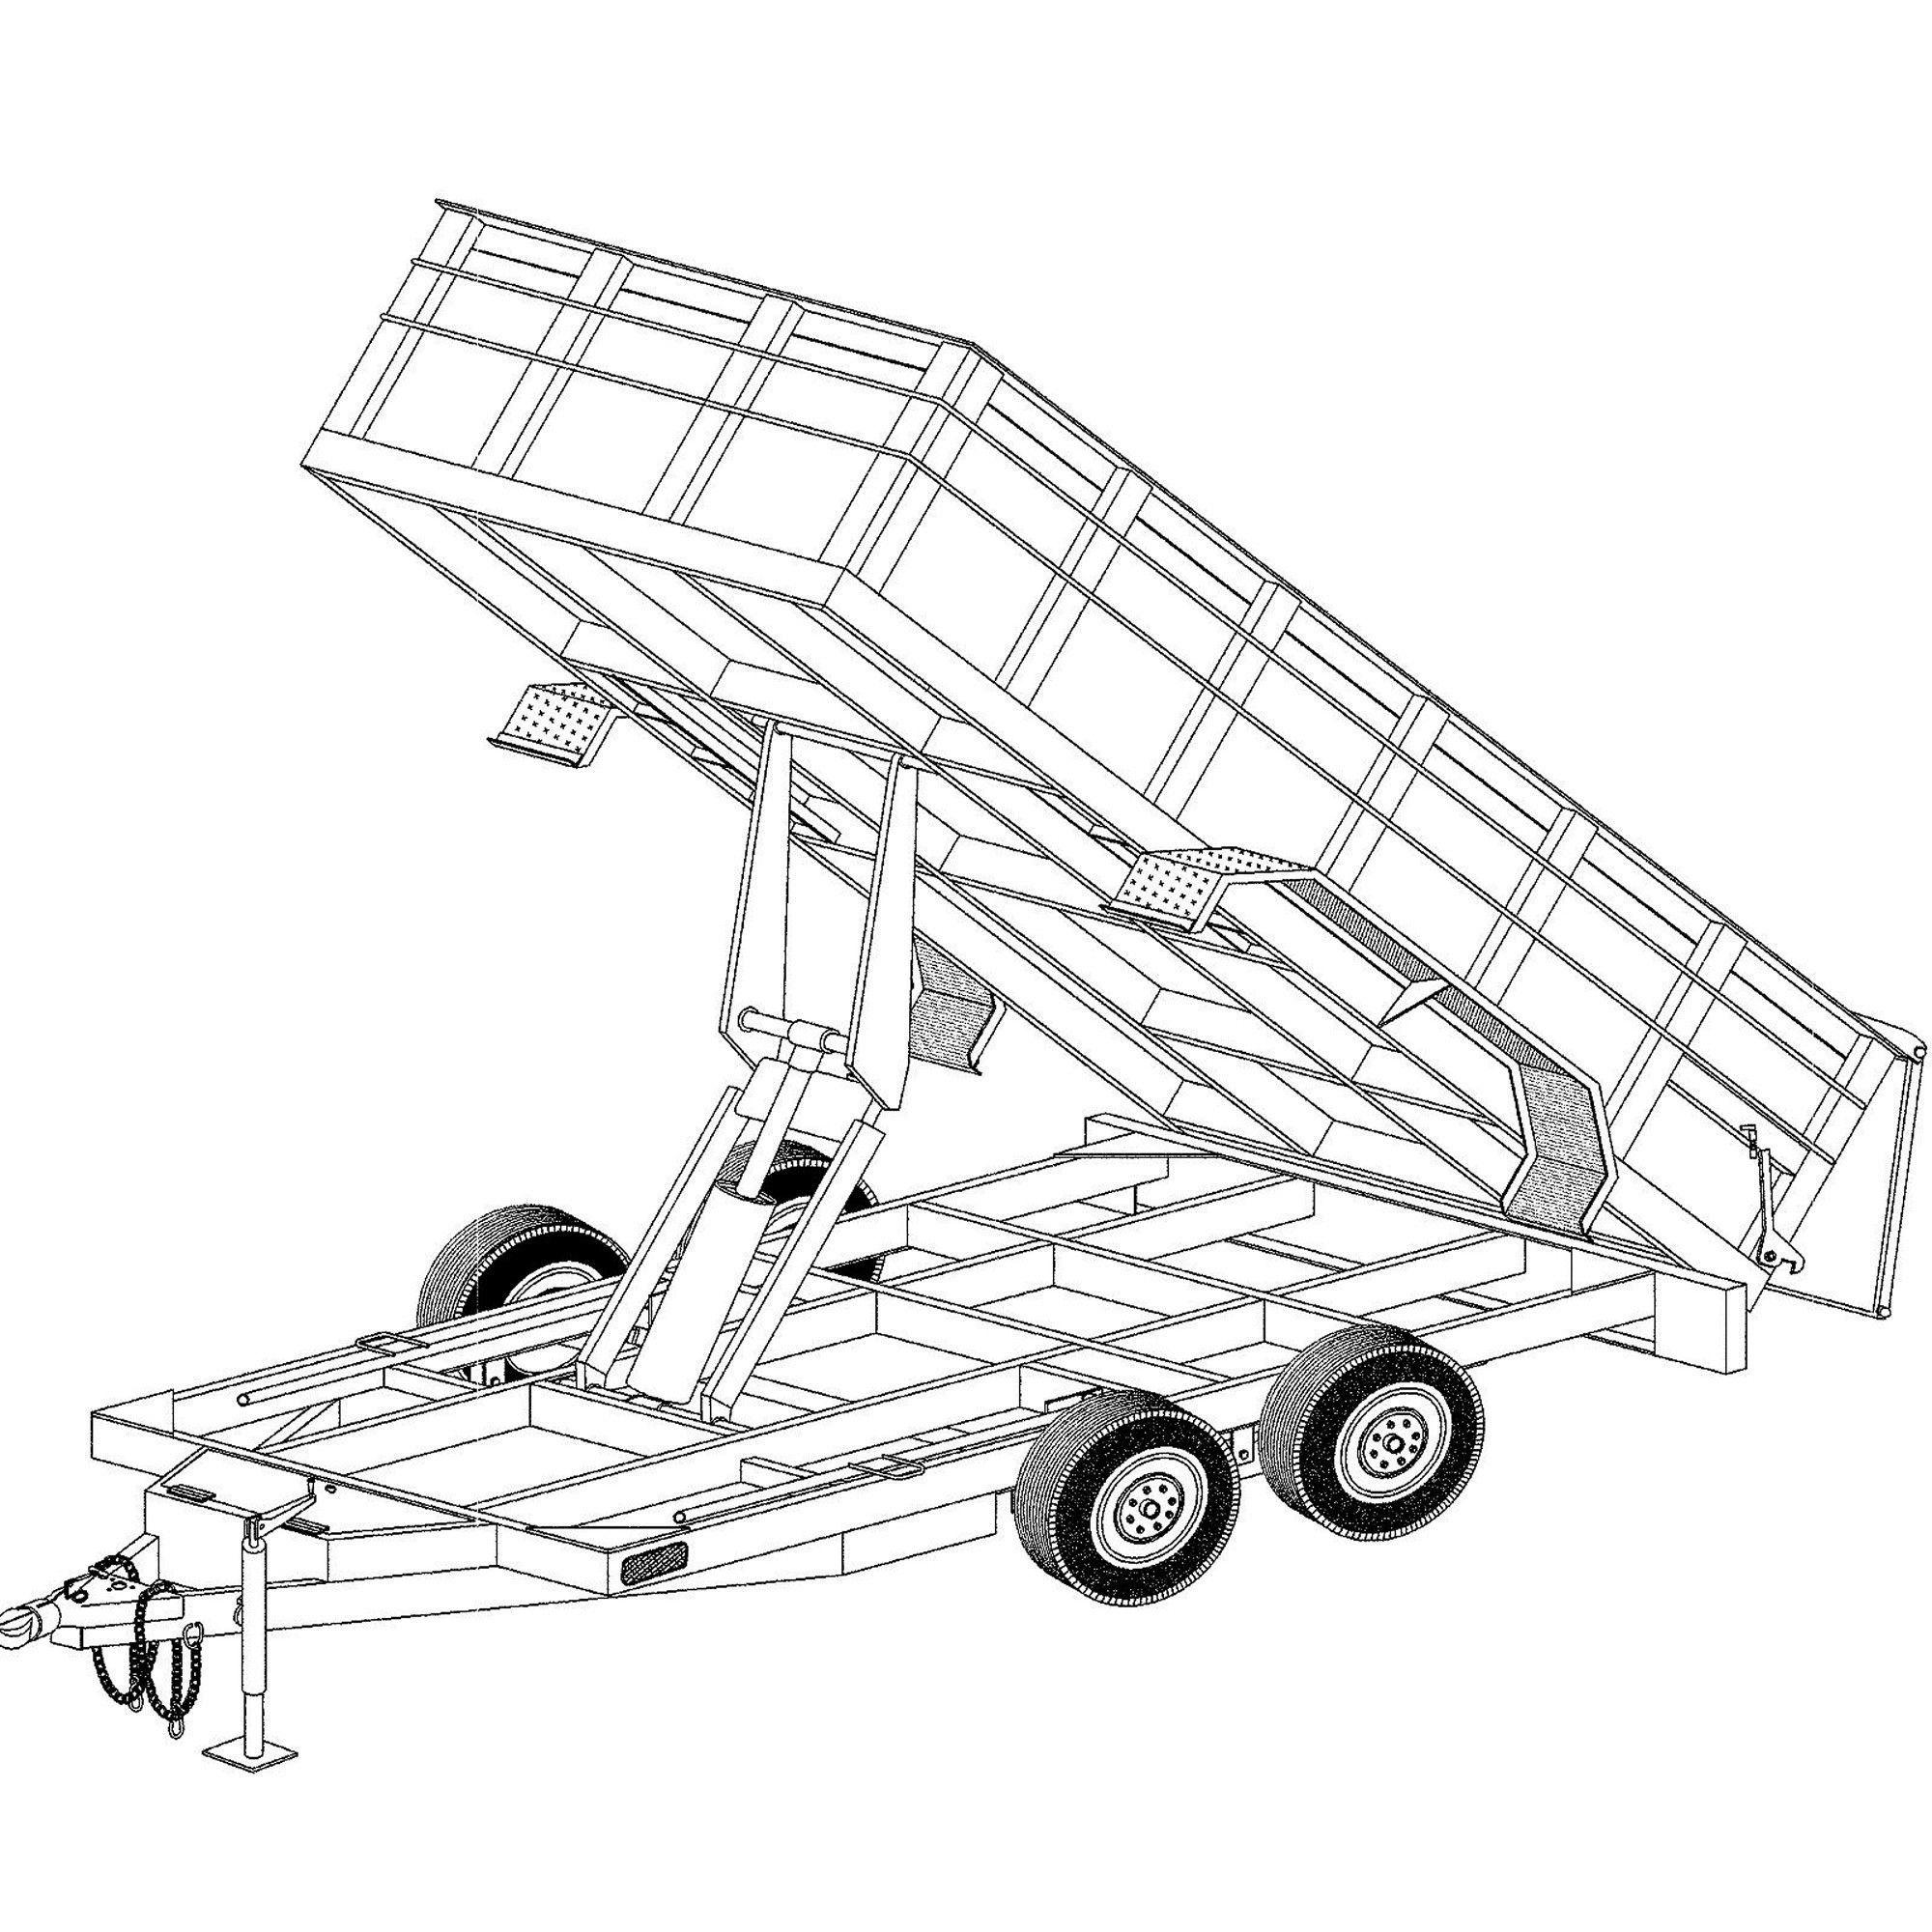 6 4 X 14 Hydraulic Dump Trailer Plans Model 14hd